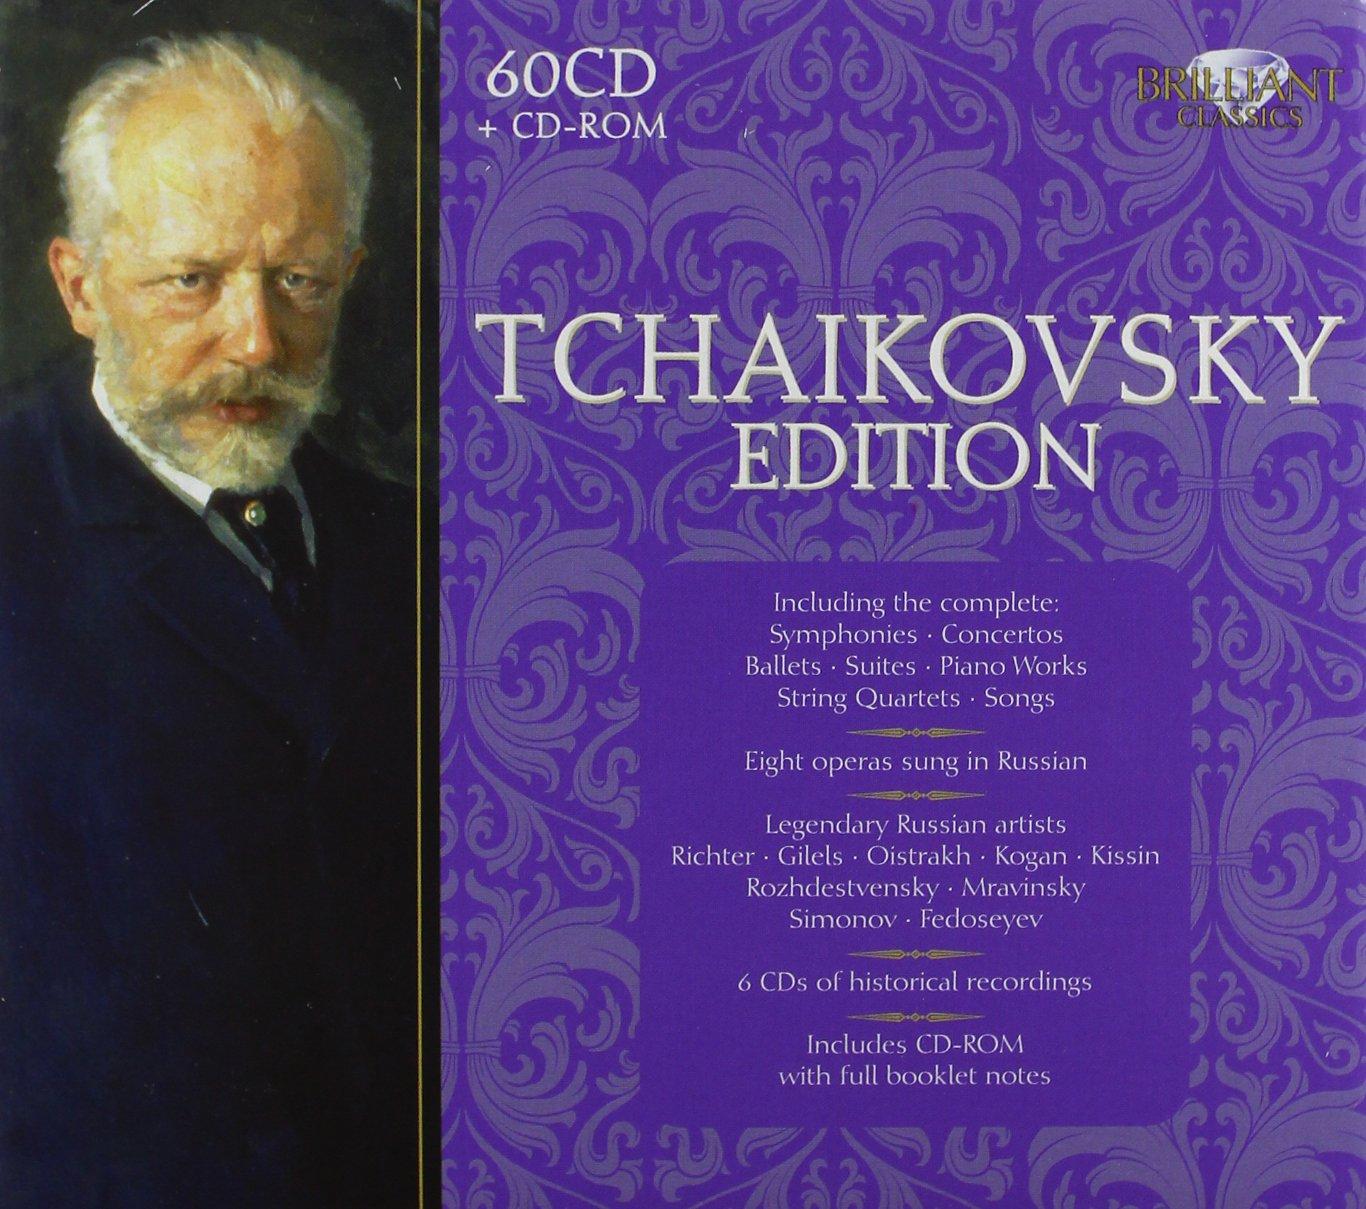 Tchaikovsky Edition